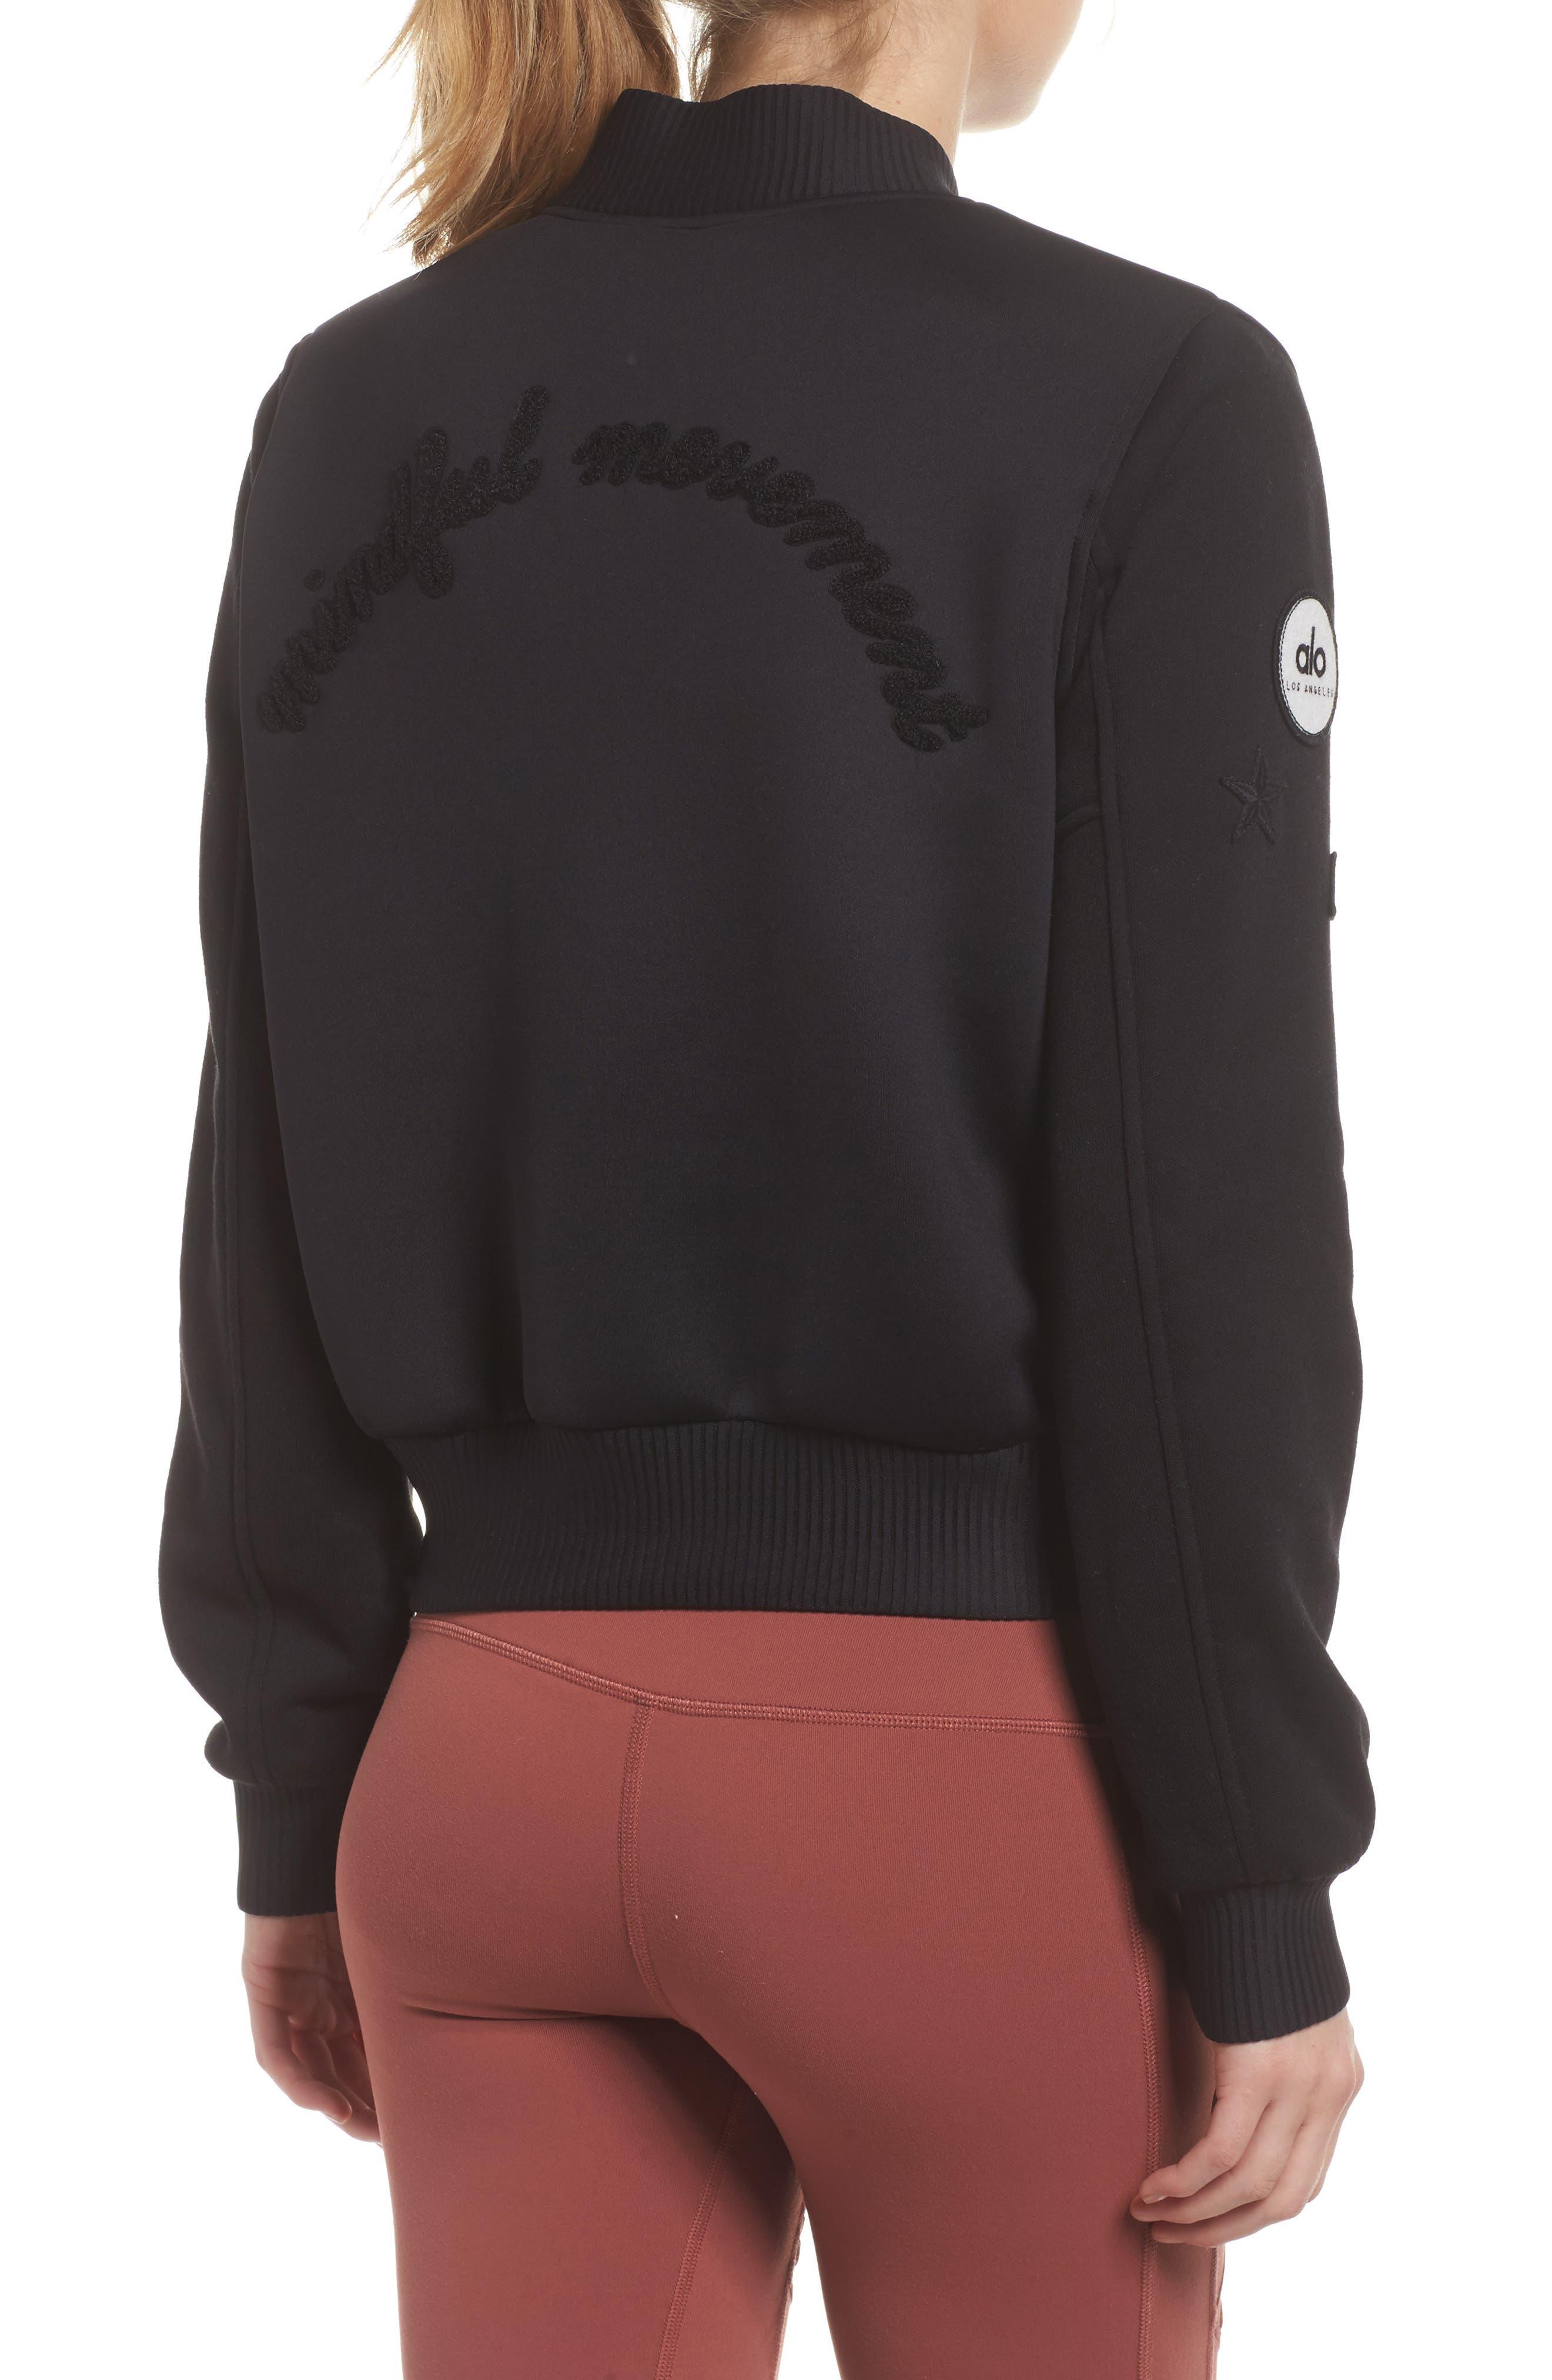 League Varsity Jacket,                             Alternate thumbnail 2, color,                             Black/ Alo Patches